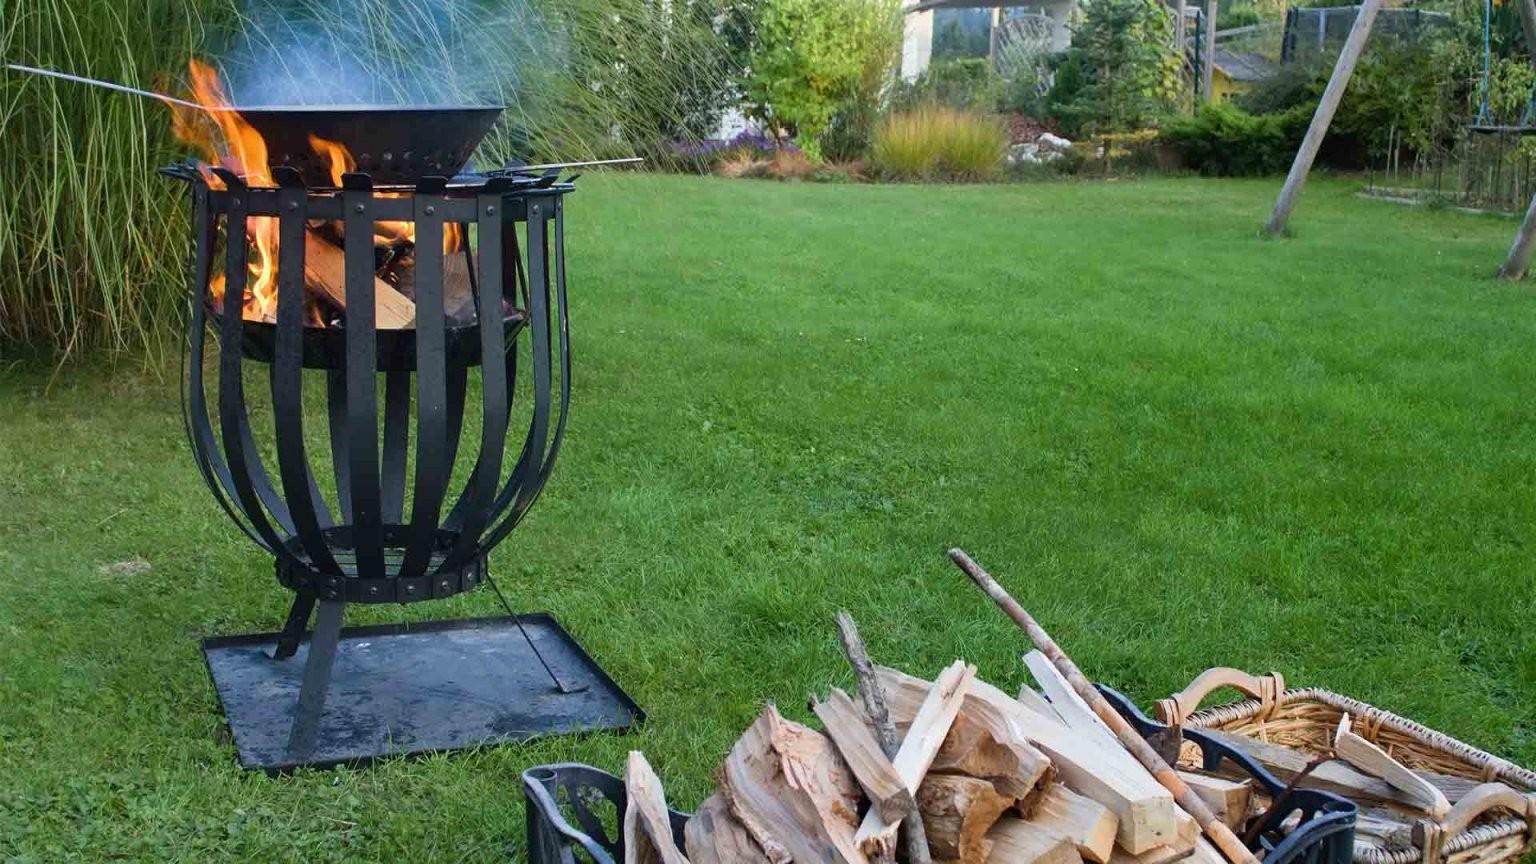 Feuer Im Garten Machen  Was Ist Erlaubt  Welche Möglichkeiten Gibt Es von Offene Feuerstelle Im Garten Erlaubt Photo